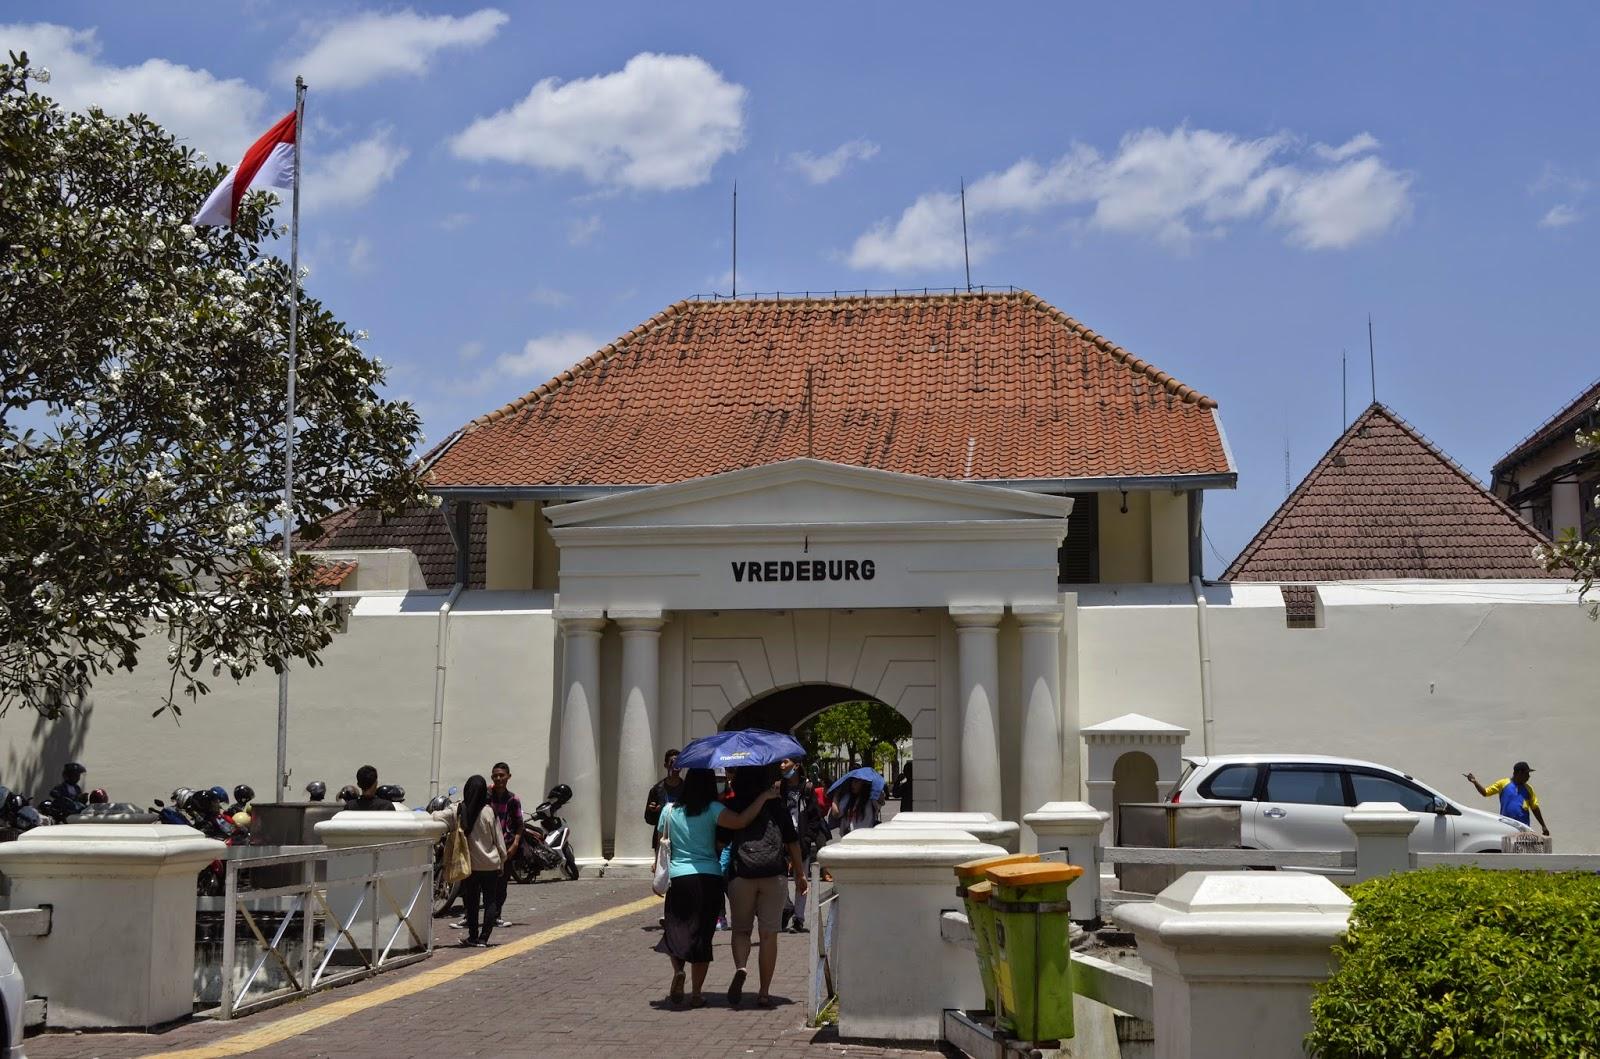 Berkeliling Museum Benteng Vredeburg Yogyakarta Bluepacker Indonesia Gerbang Utama Kota